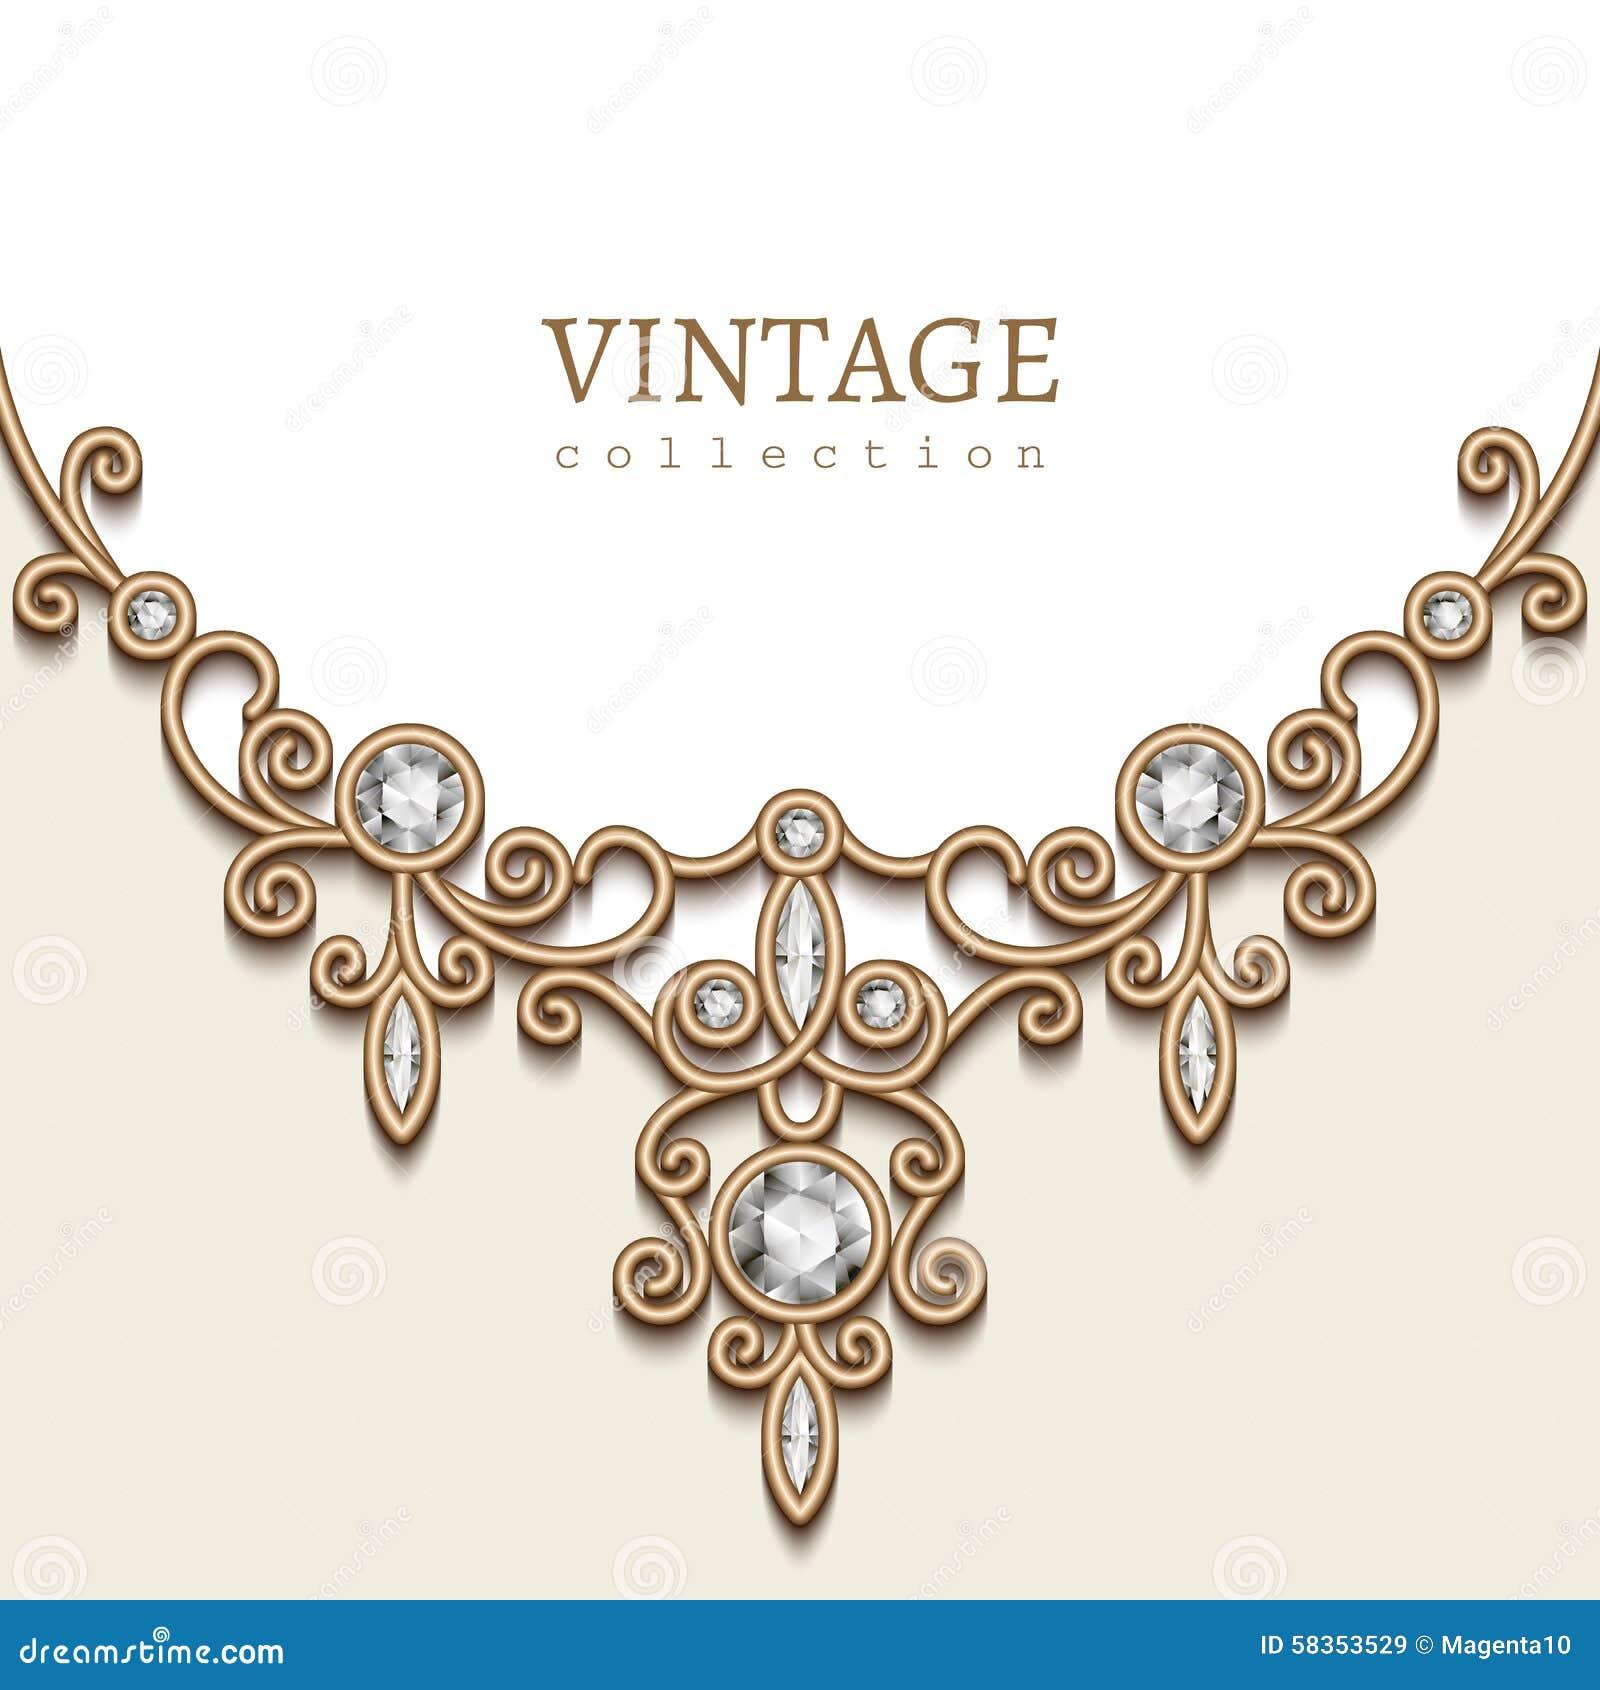 Jewellery Invitation Card - Premium Invitation Template Design by ...